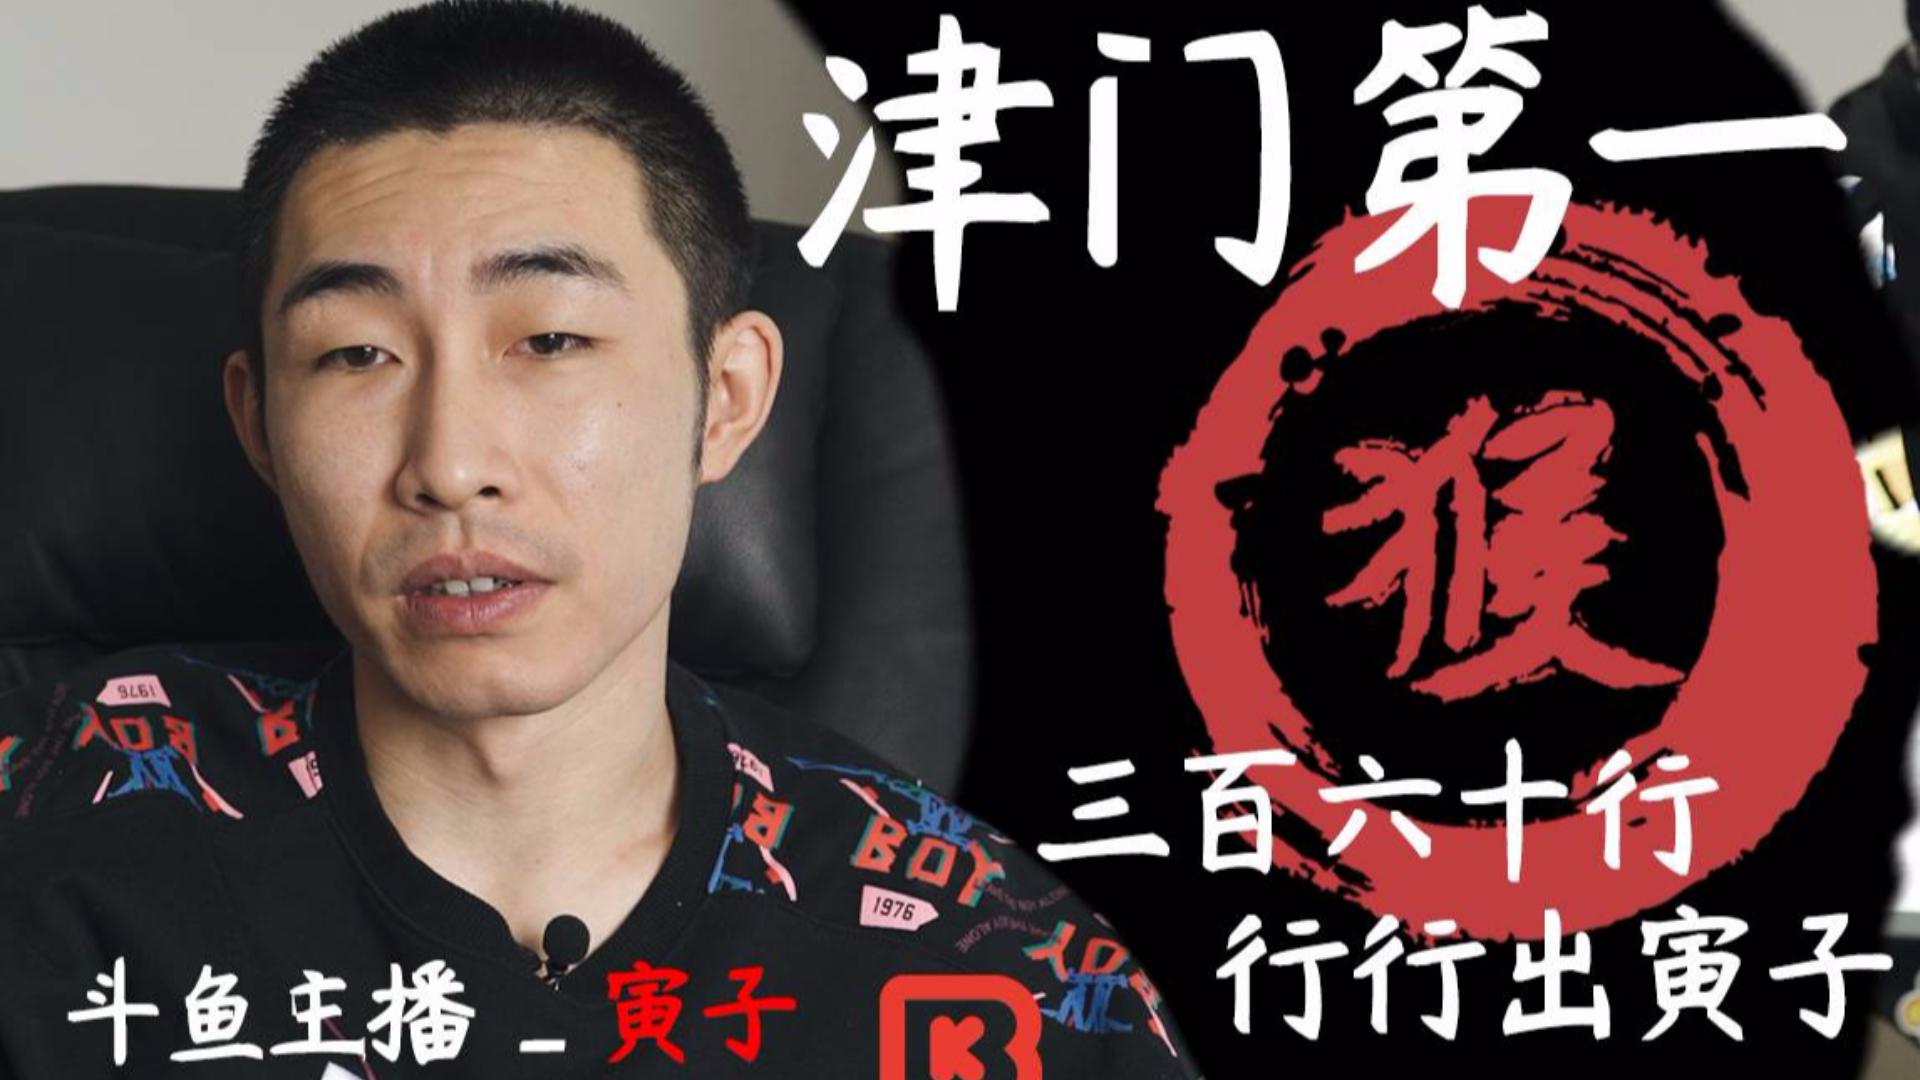 三百六十行 行行出寅子 津门第一主机主播丨BK短纪录片